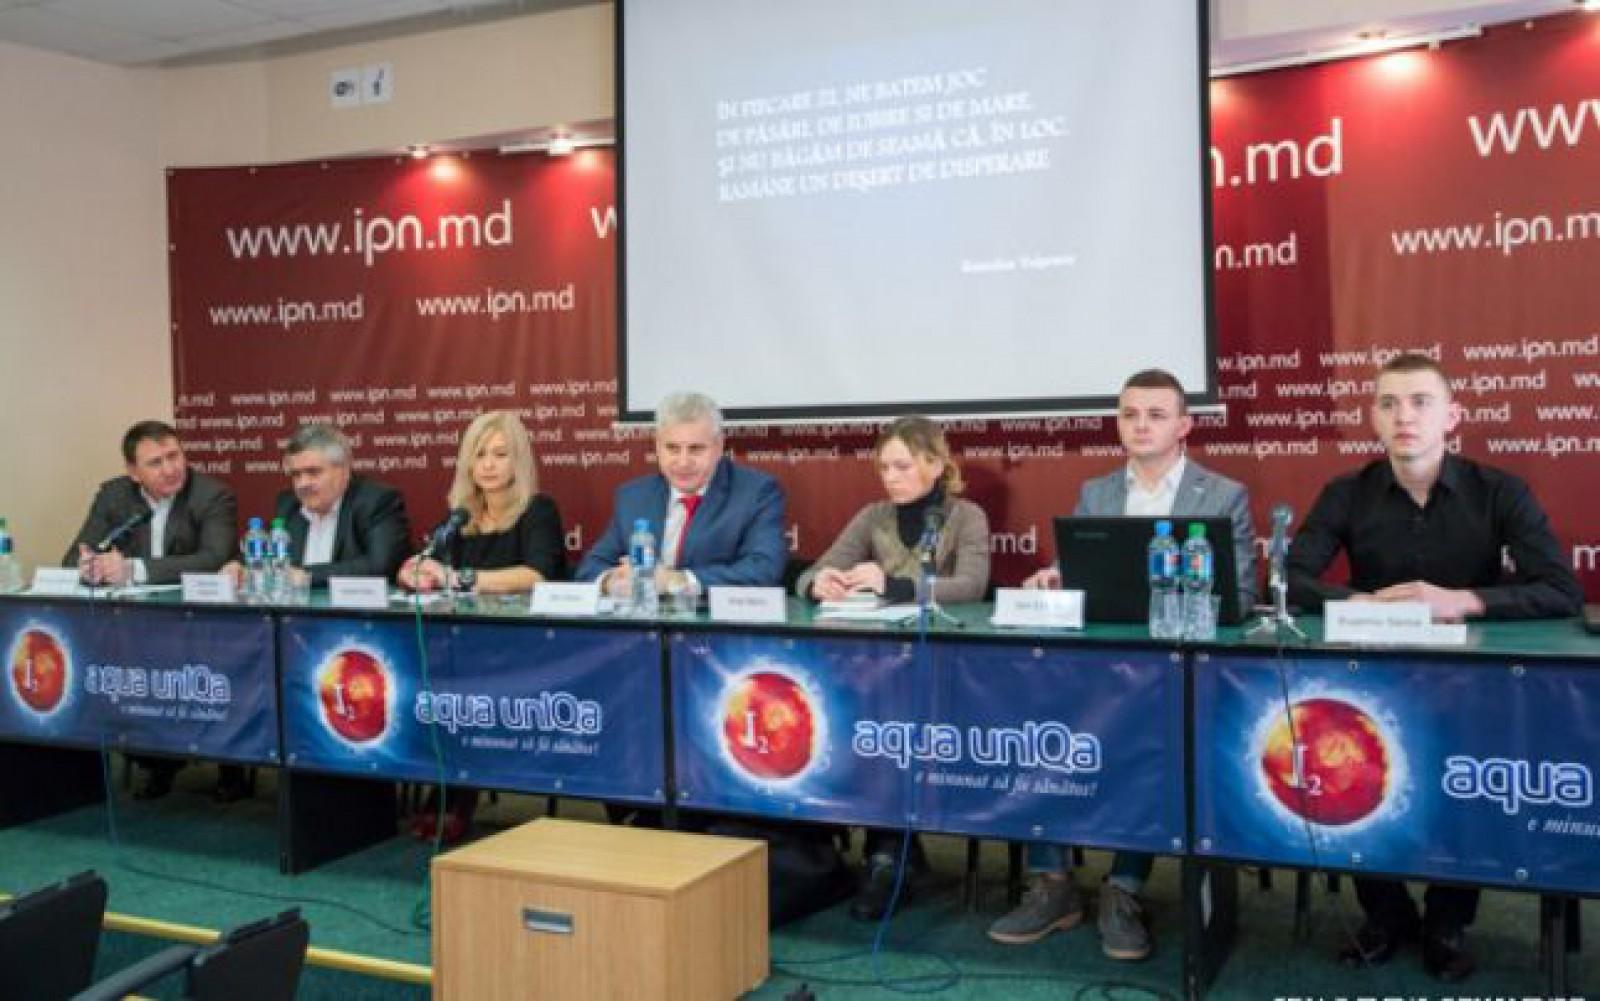 Încă un PPDA pe arena politică din Republica Moldova. Ion Dron crează Partidul pentru Drepturile Animalelor